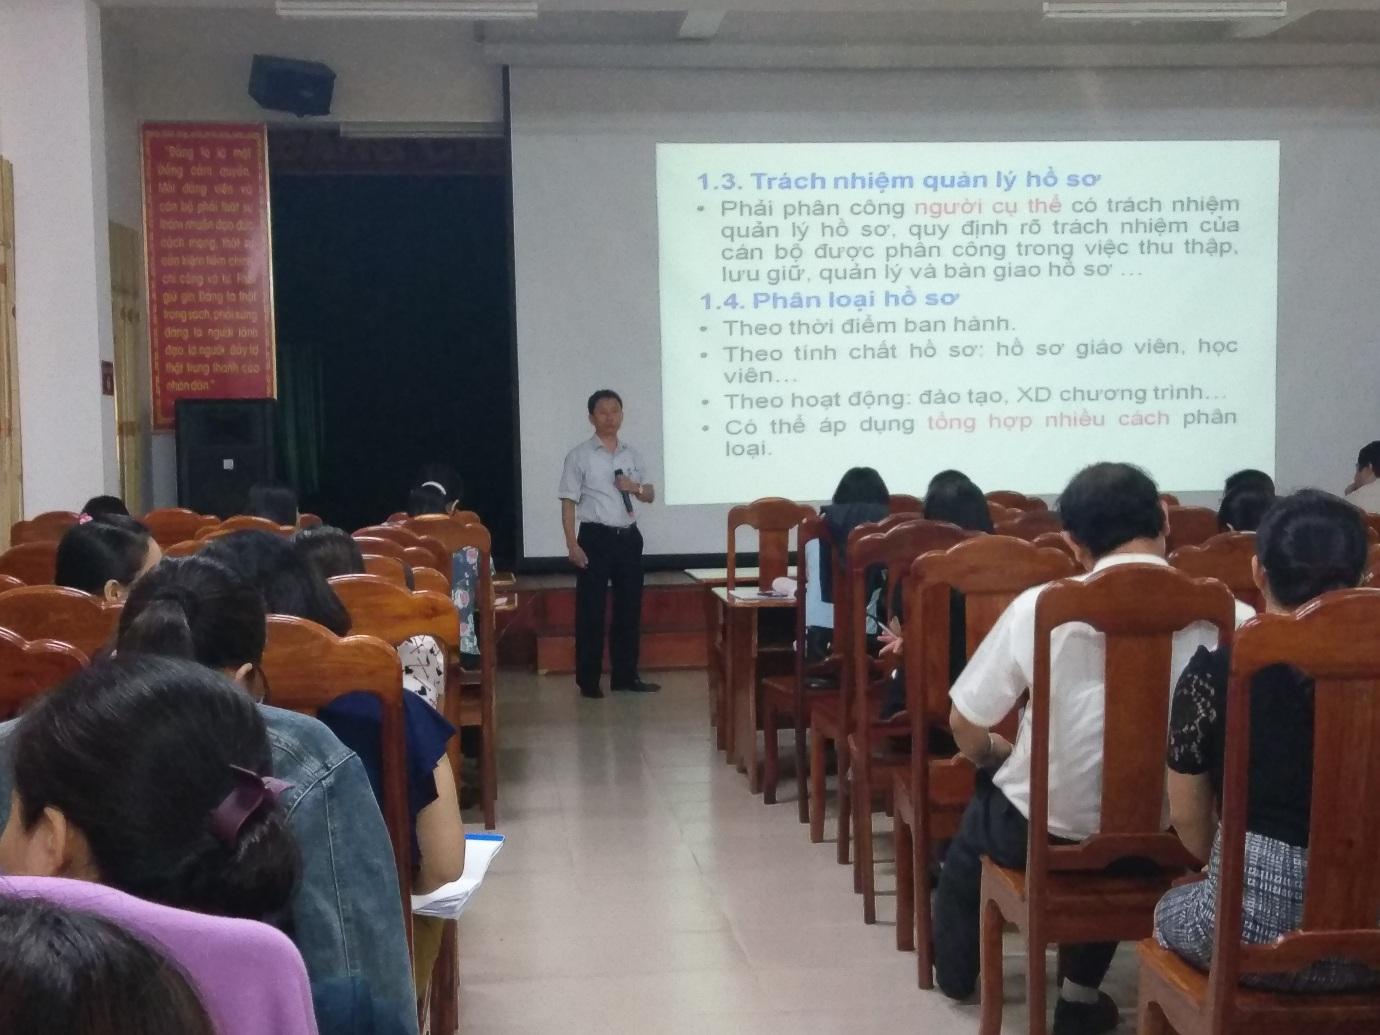 Triển khai đào tạo 14 khóa quản lý y tế cho cán bộ quản lý y tế tại tỉnh Phú Yên